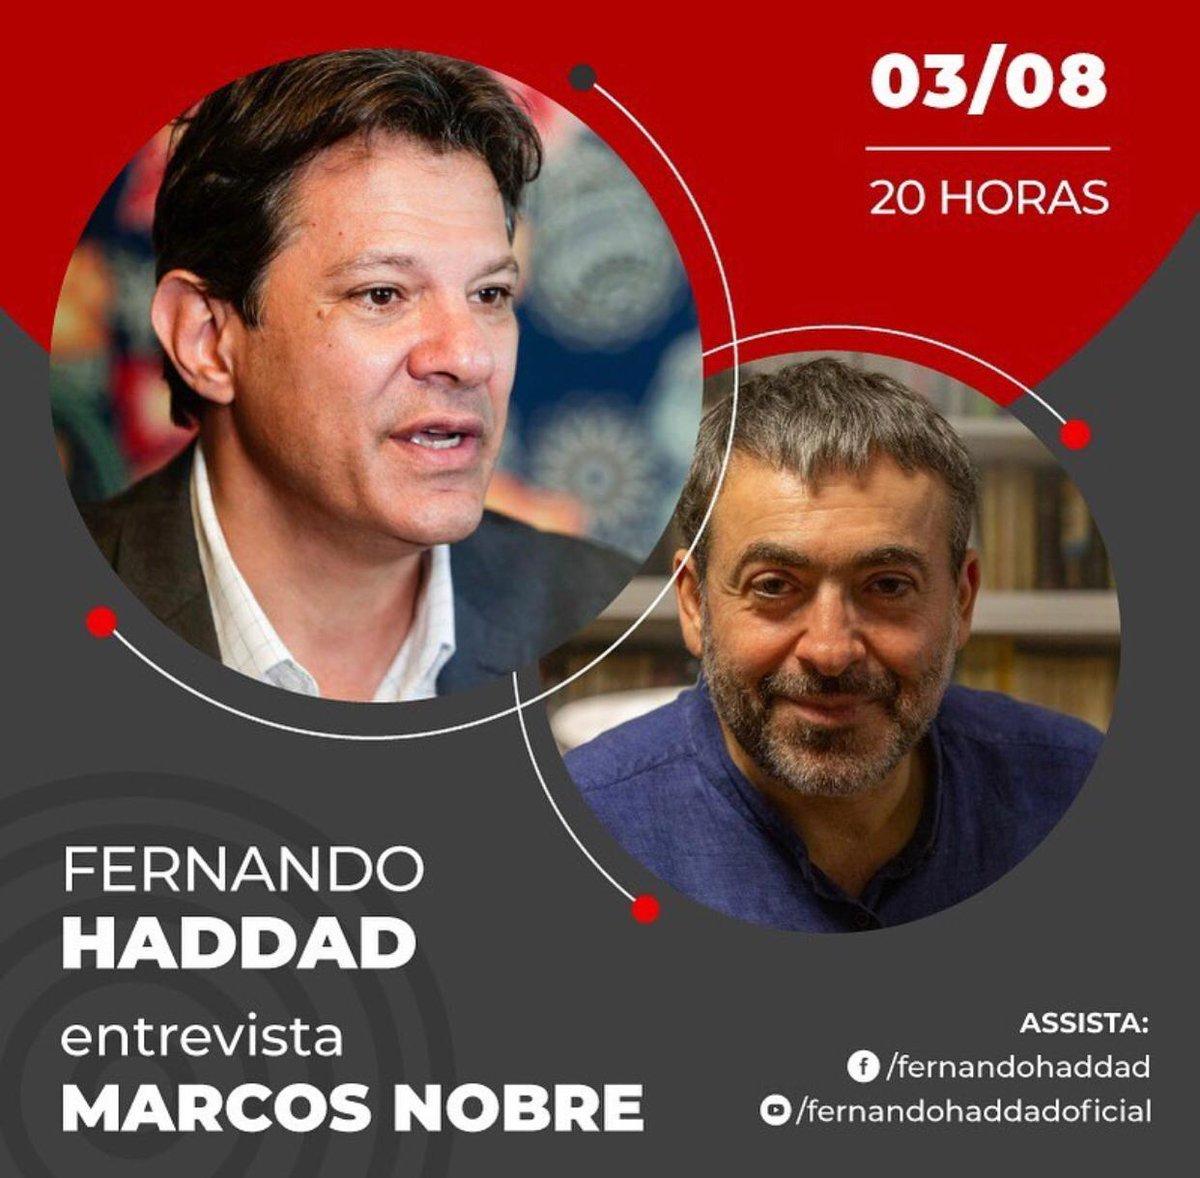 É HOJE: às 20h, @Haddad_Fernando conversa com Marcos Nobre, autor de PONTO-FINAL: A GUERRA DE BOLSONARO CONTRA A DEMOCRACIA.  A live será transmitida pelo Youtube e pelo Facebook de Fernando Haddad. Programe-se!